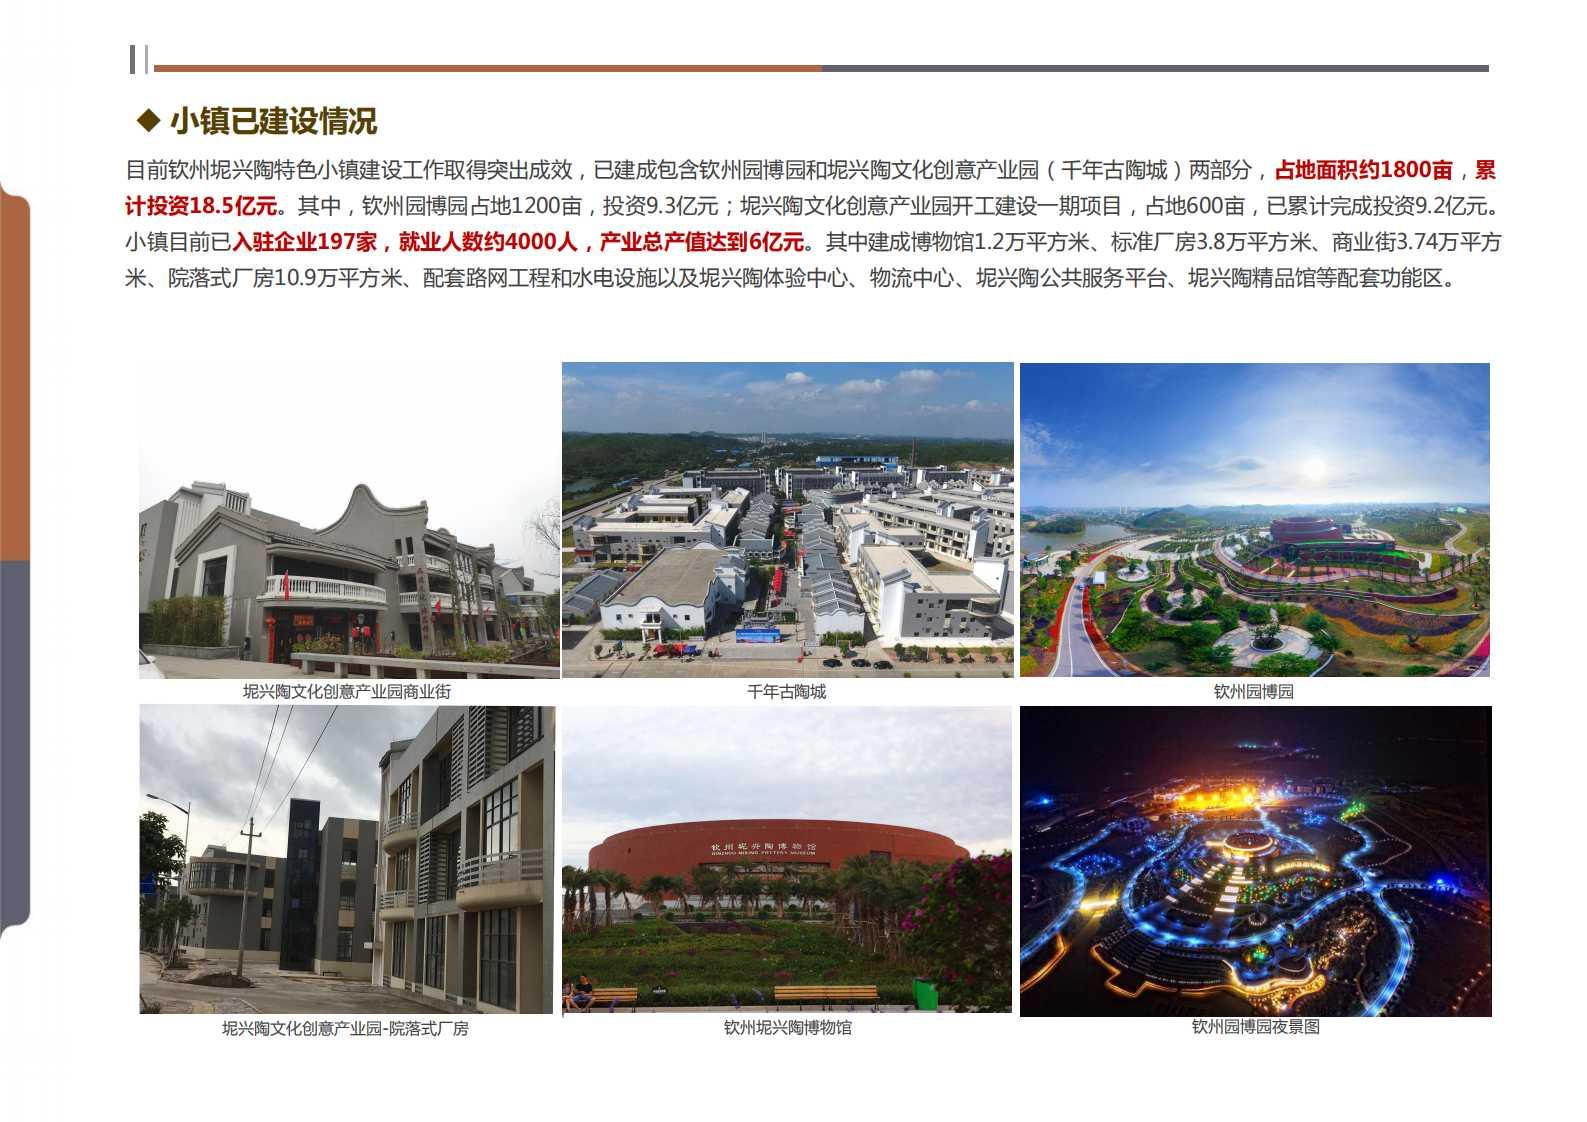 钦州坭兴陶特色小镇项目简介(4)_26.png